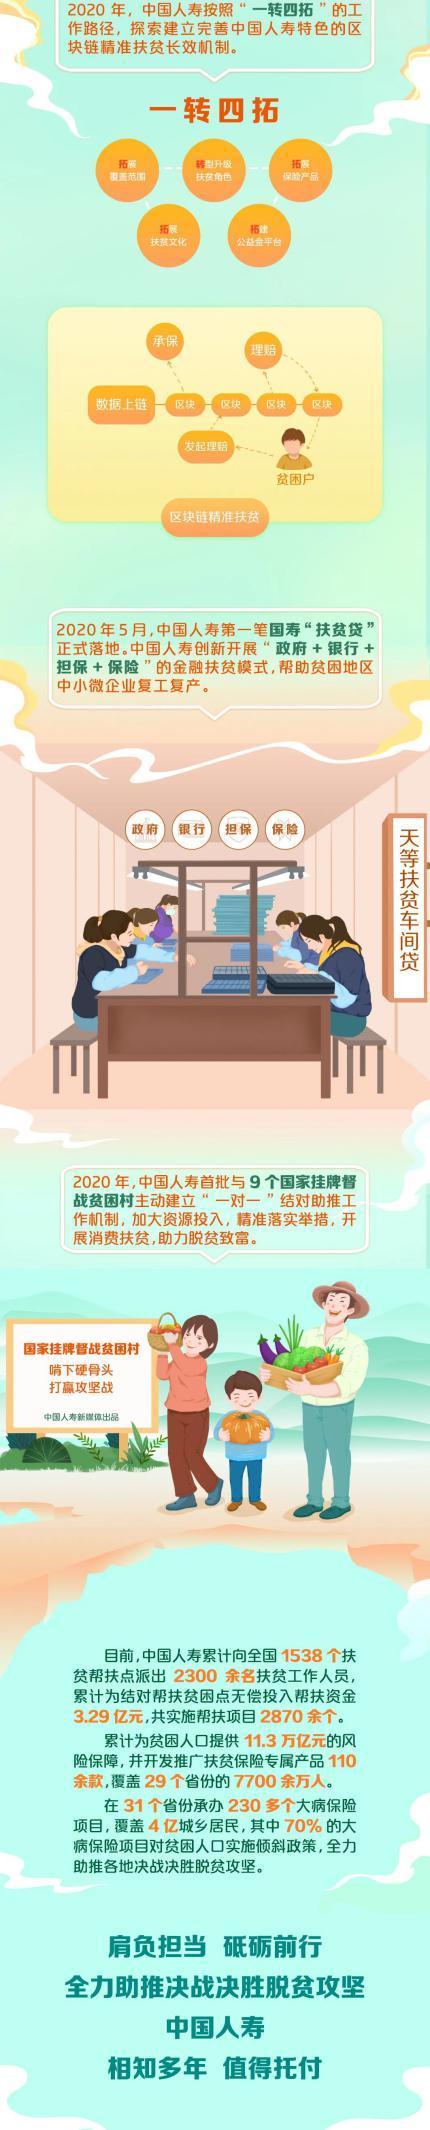 图鉴丨中国人寿扶贫那些事儿